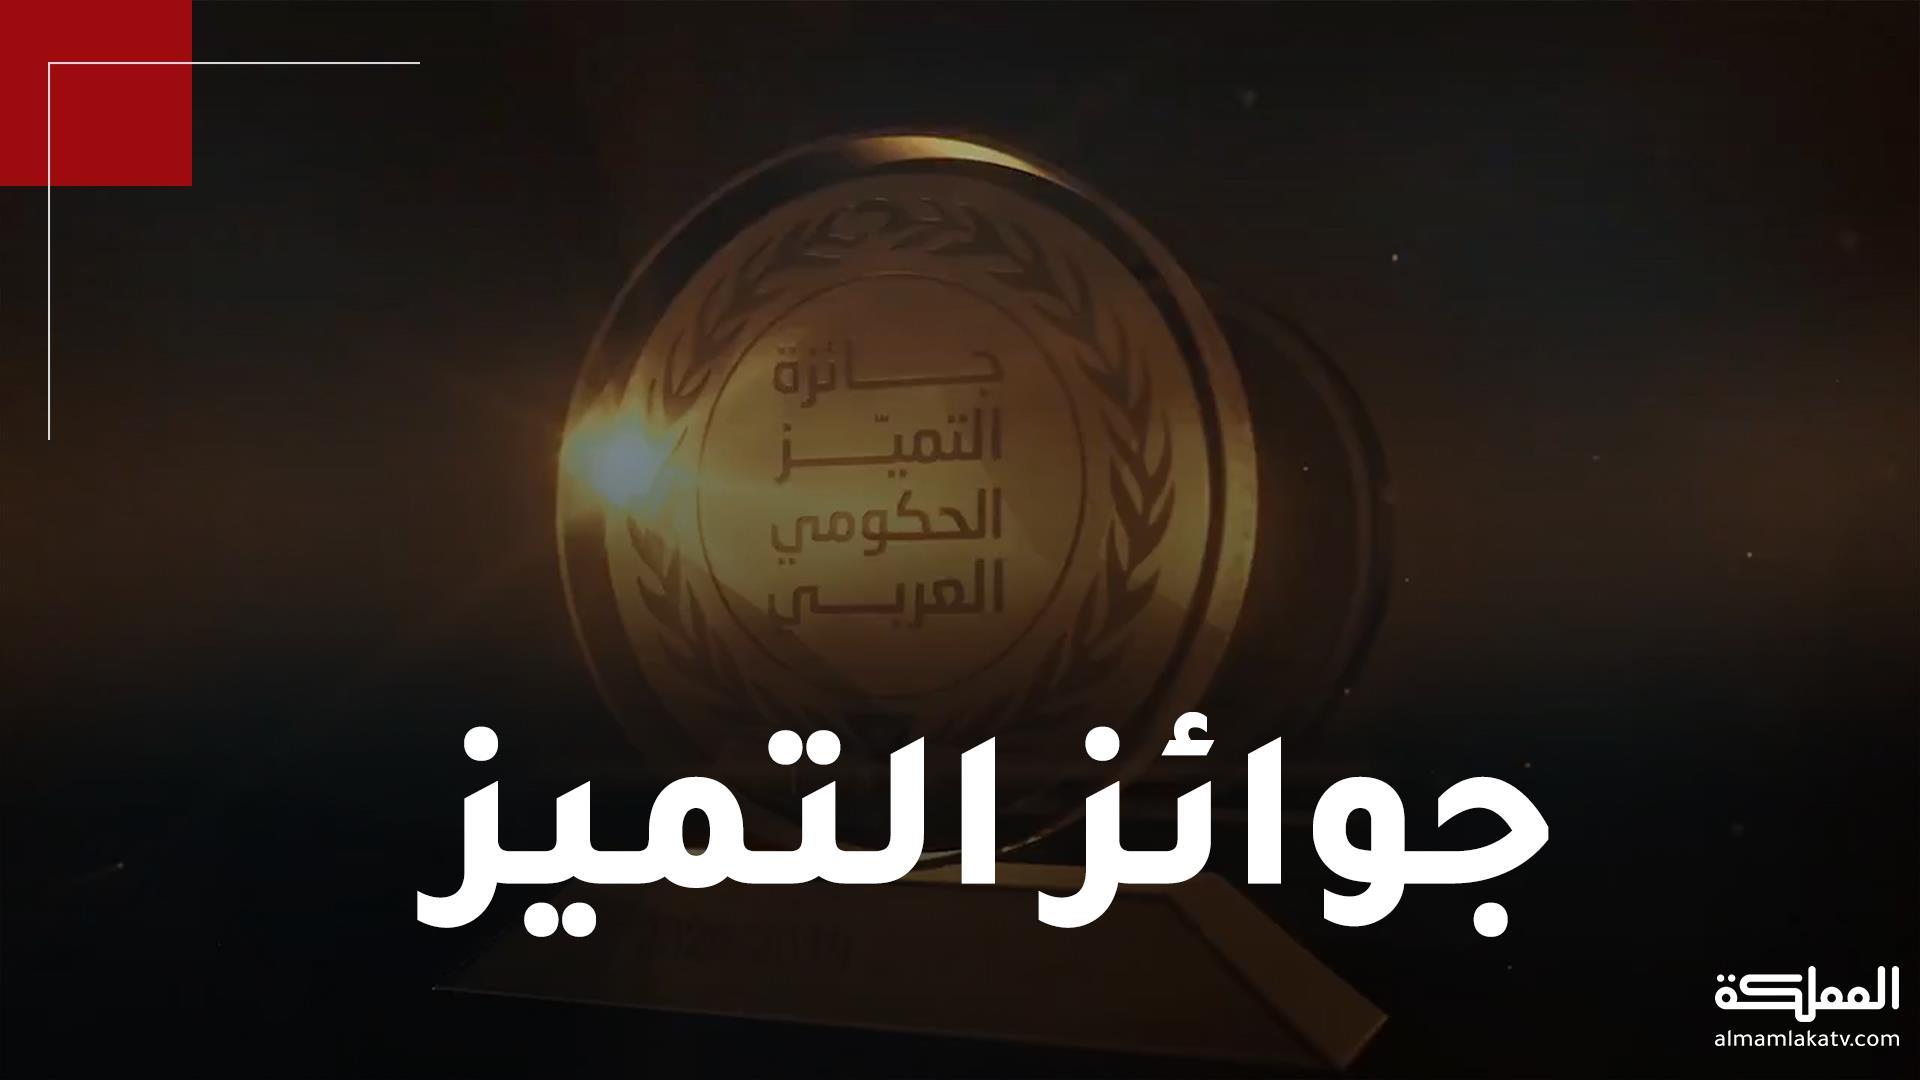 الأردن يحصد 4 من جوائز التميز الحكومي العربي لعام 2020